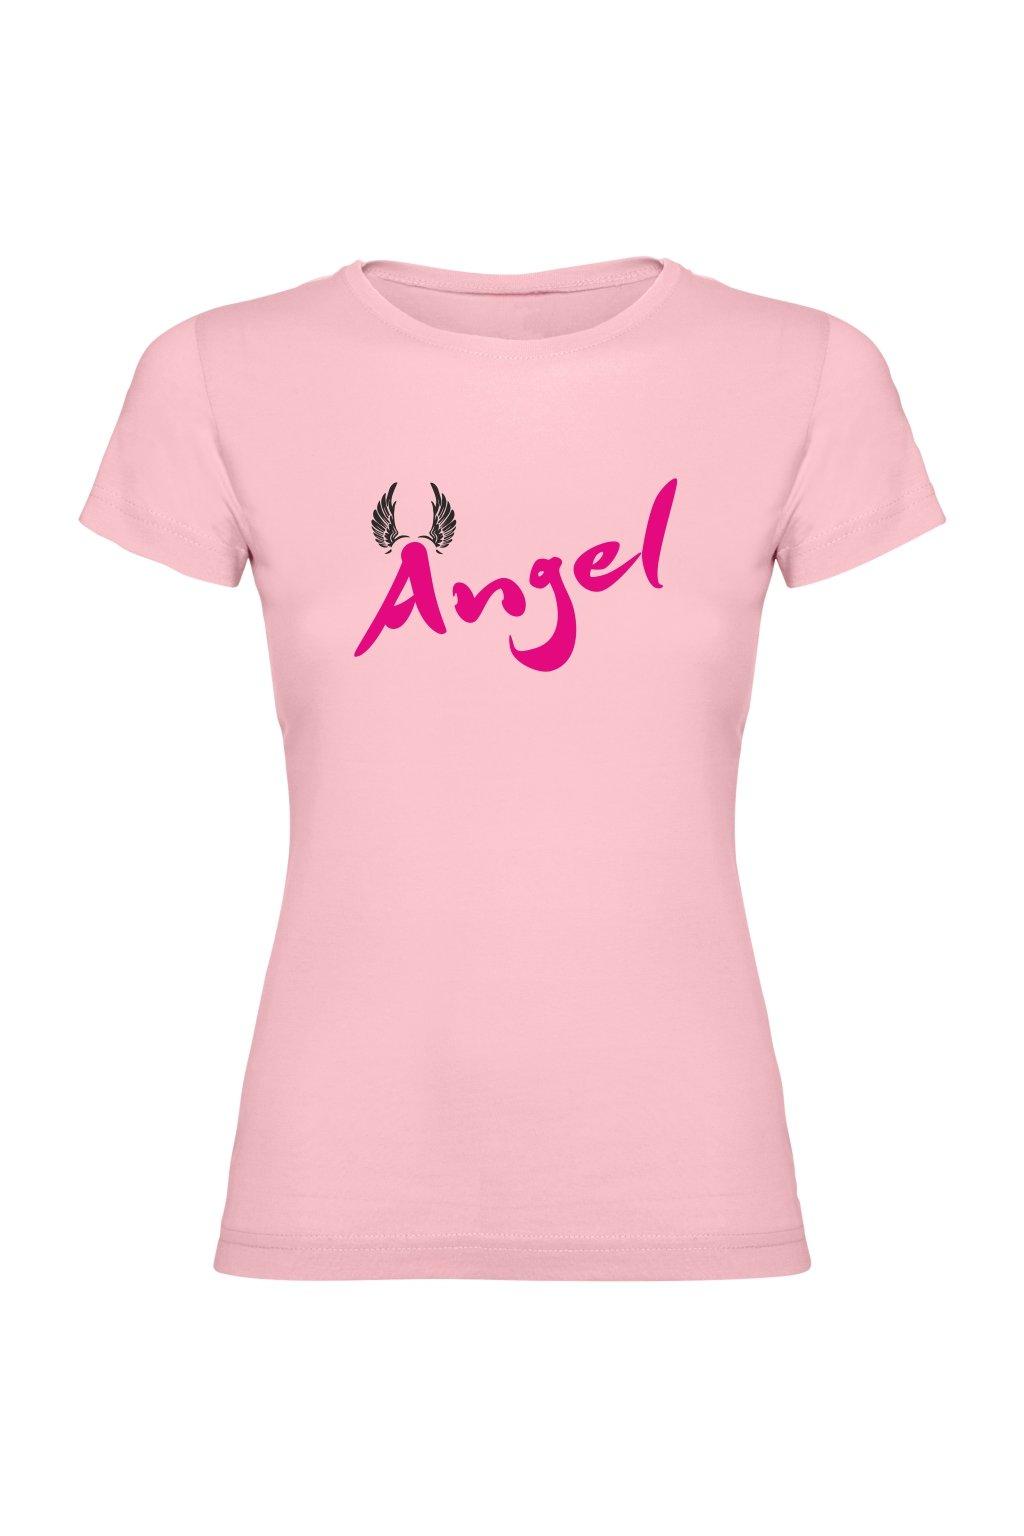 angel světle růžová